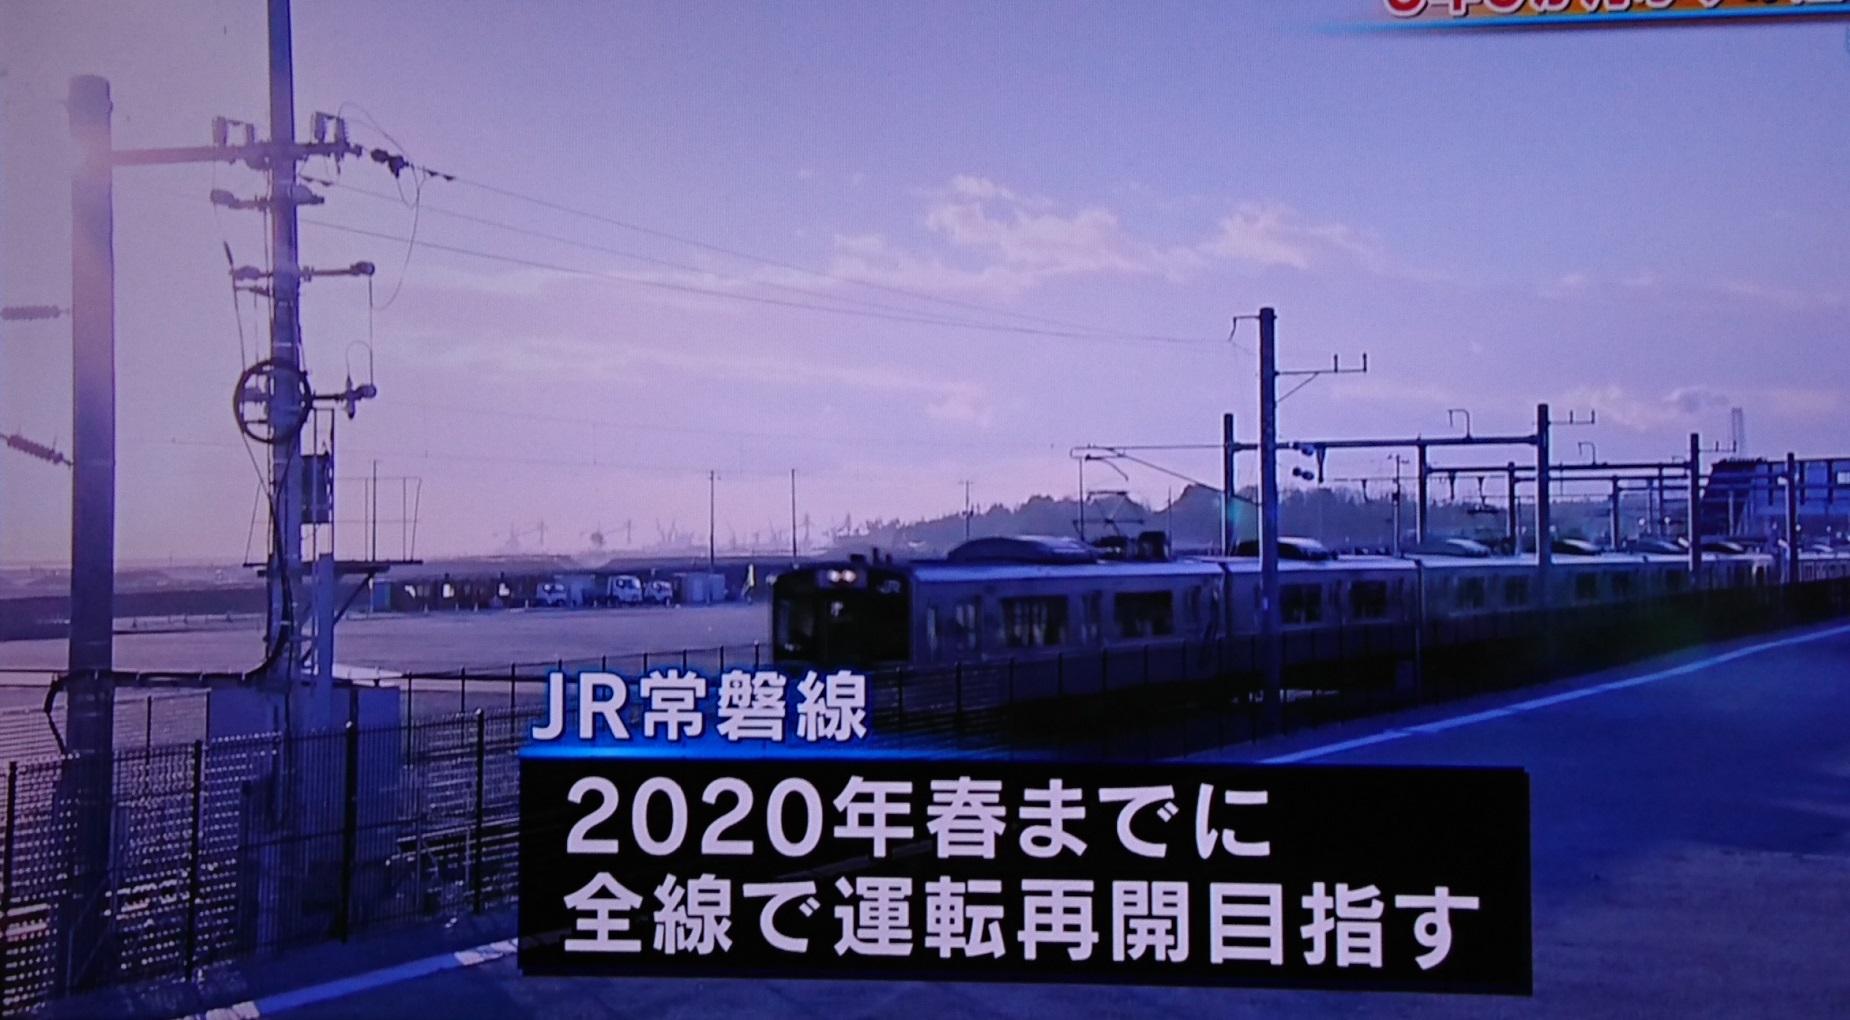 2016.12.10 常磐線再開 (4) 1850-1020